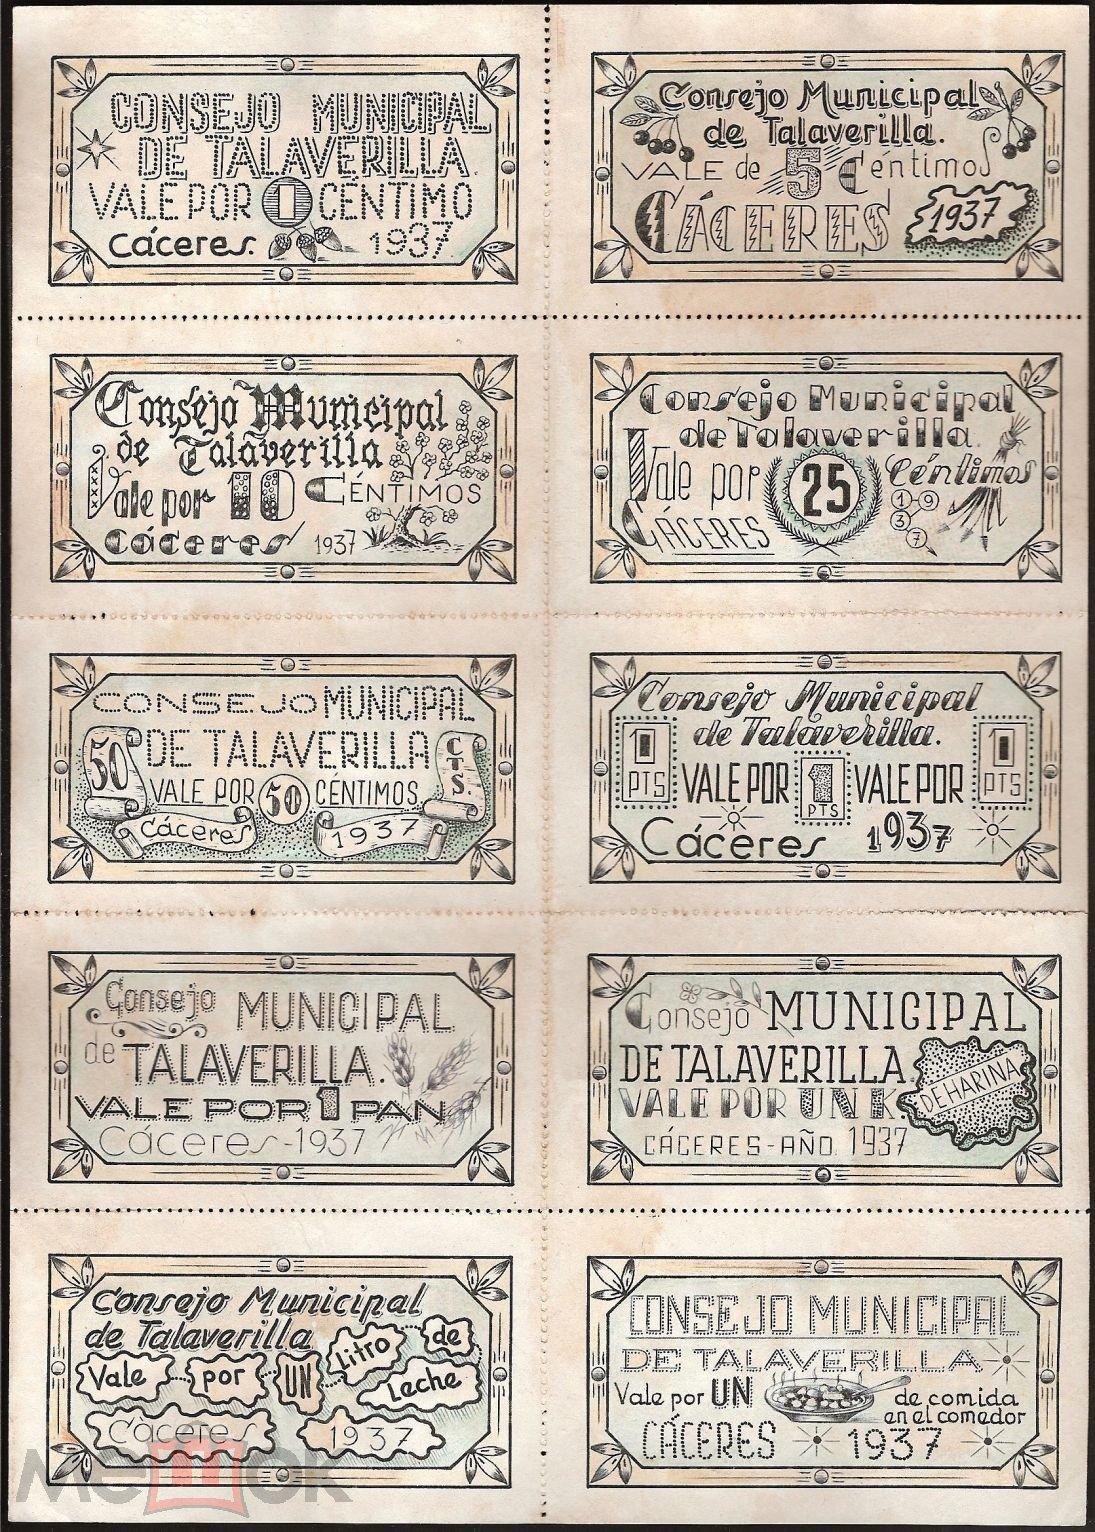 Испания, талоны на нормированные товары - Cupon de Racionamiento, Consejo Municipal de Talaverilla.